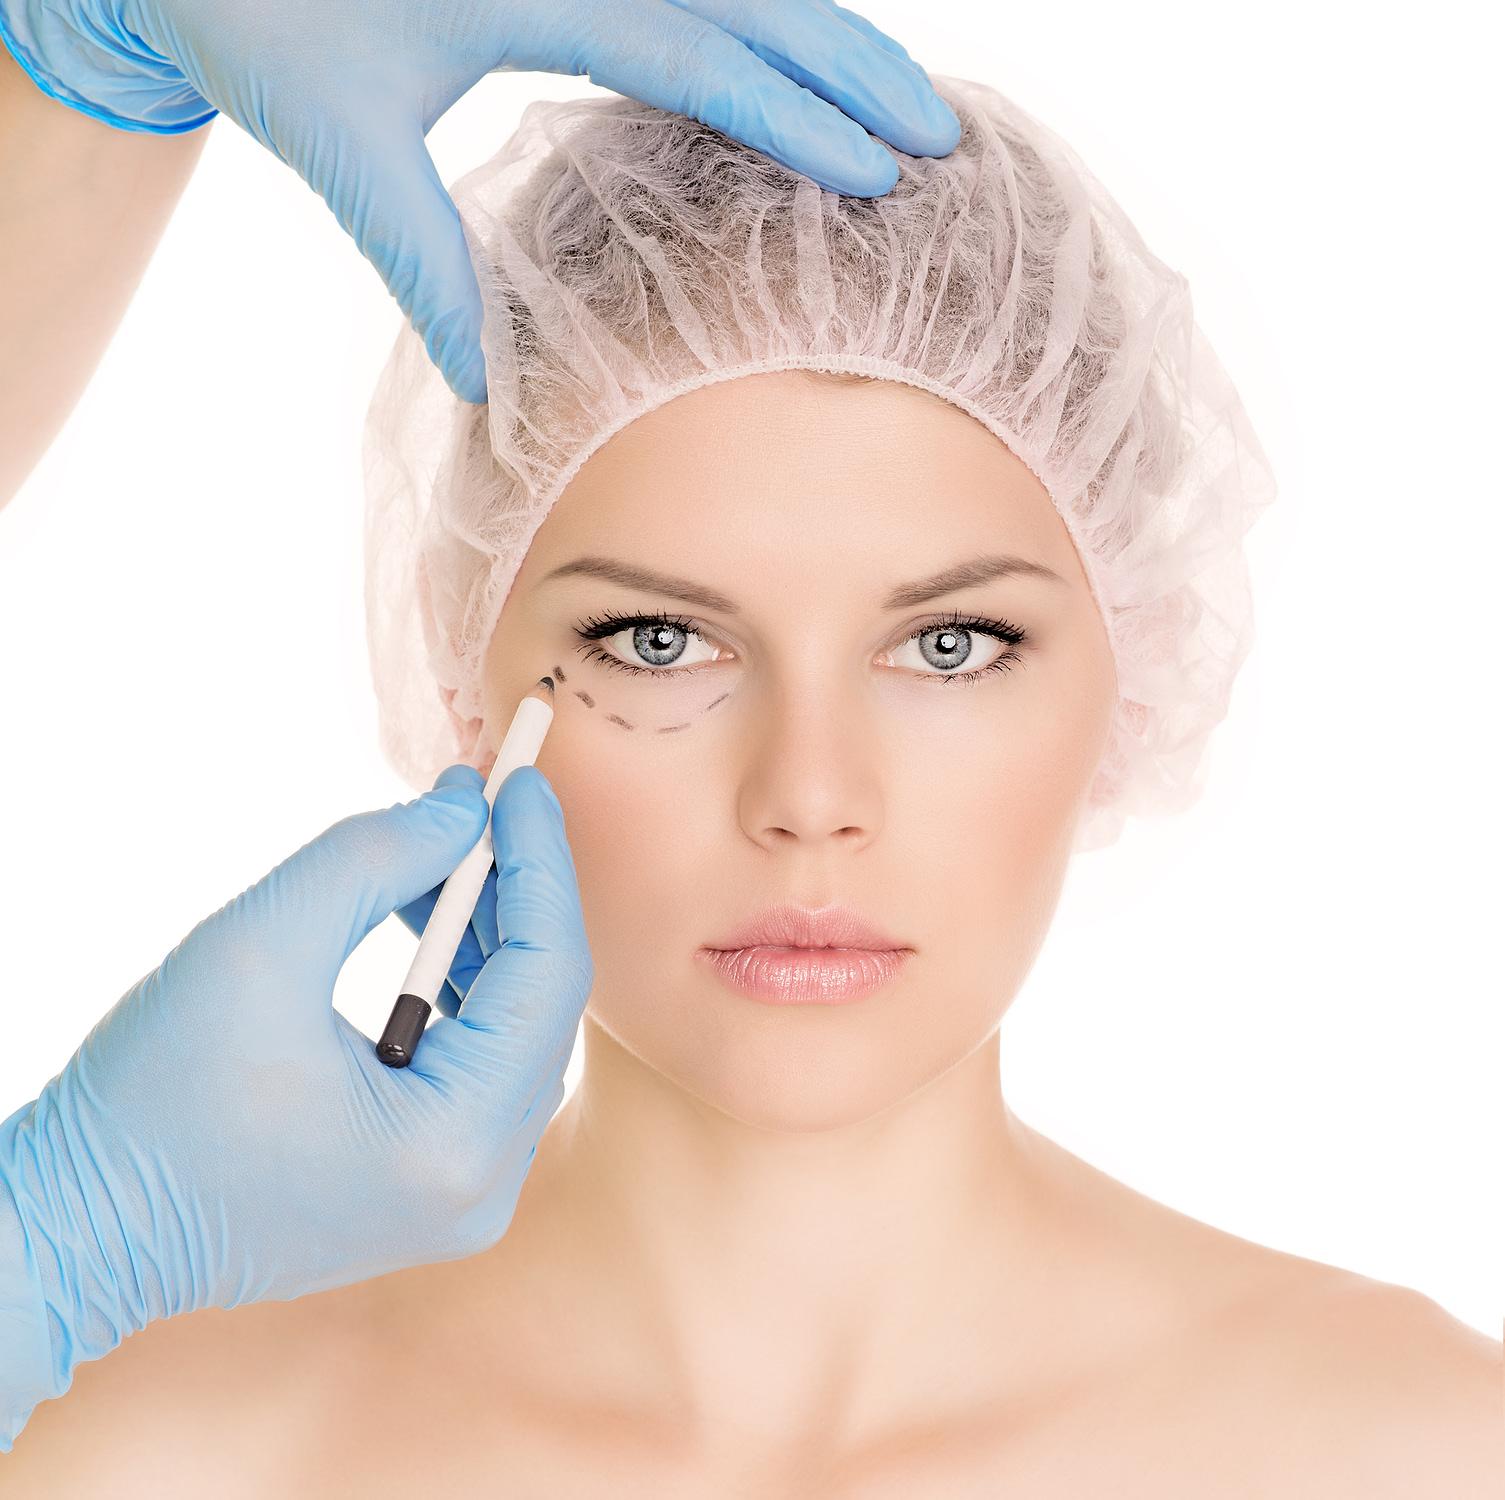 Berlet Plastic Surgery